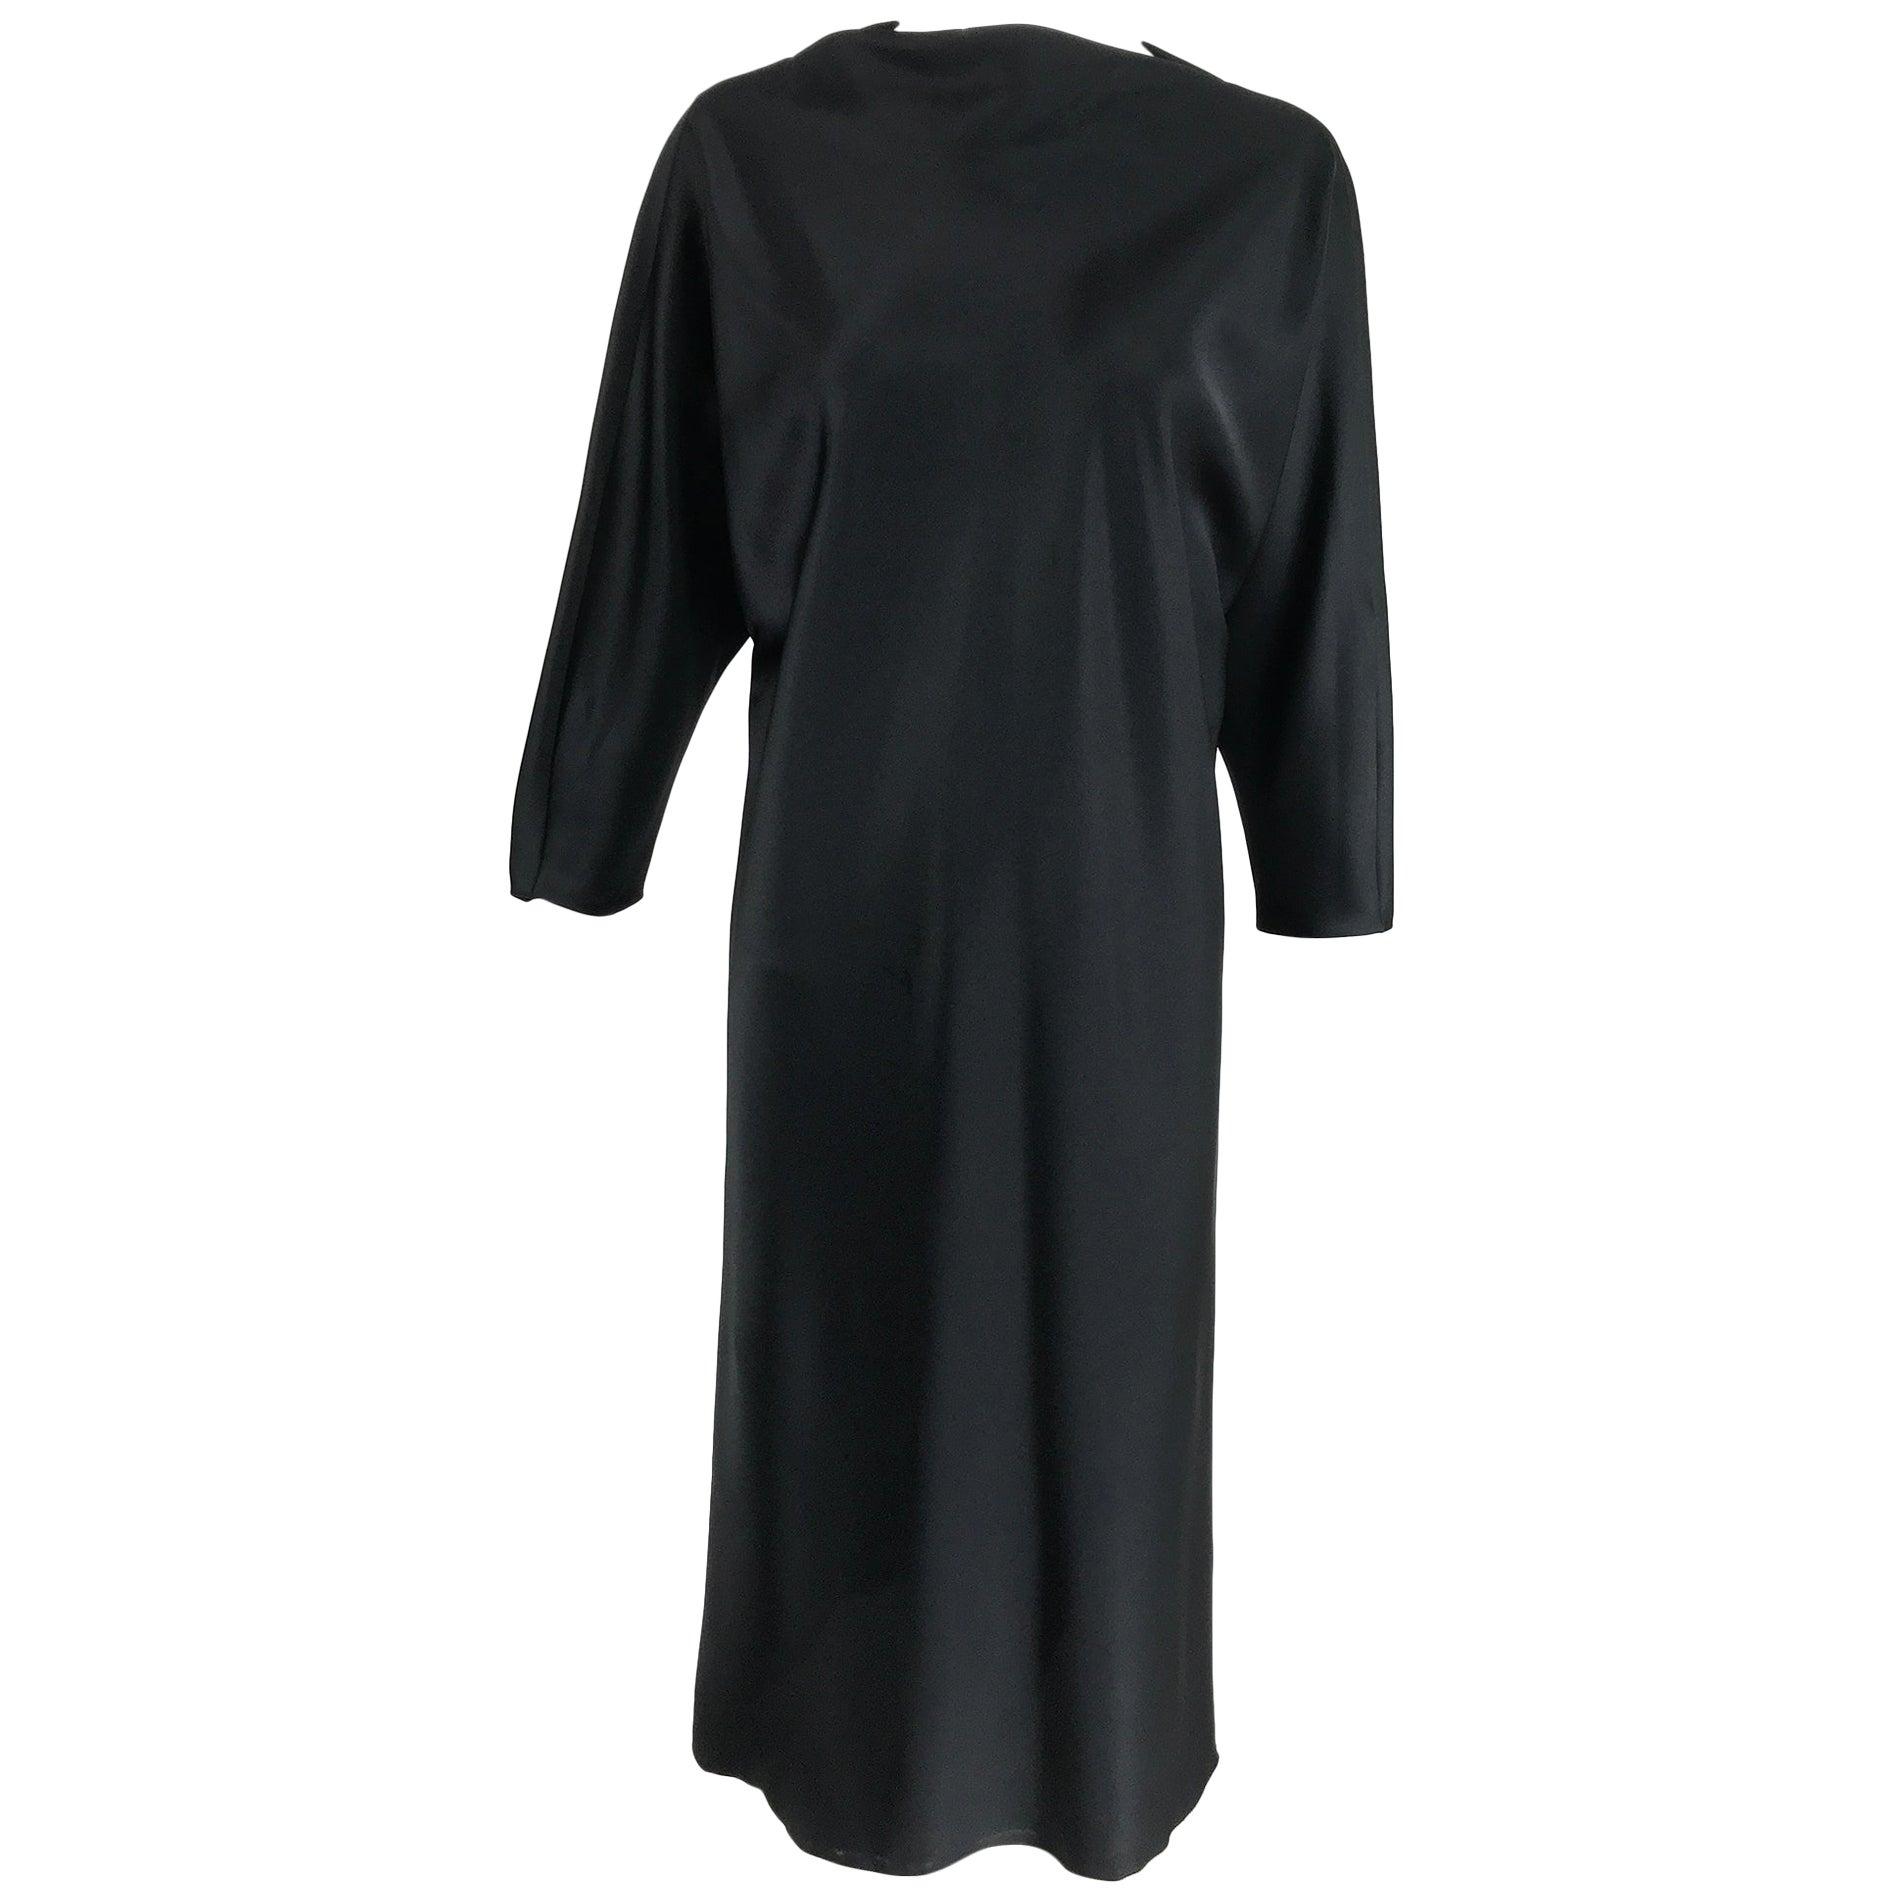 Jackie Rogers Classic Black Satin Bias Cut Dress